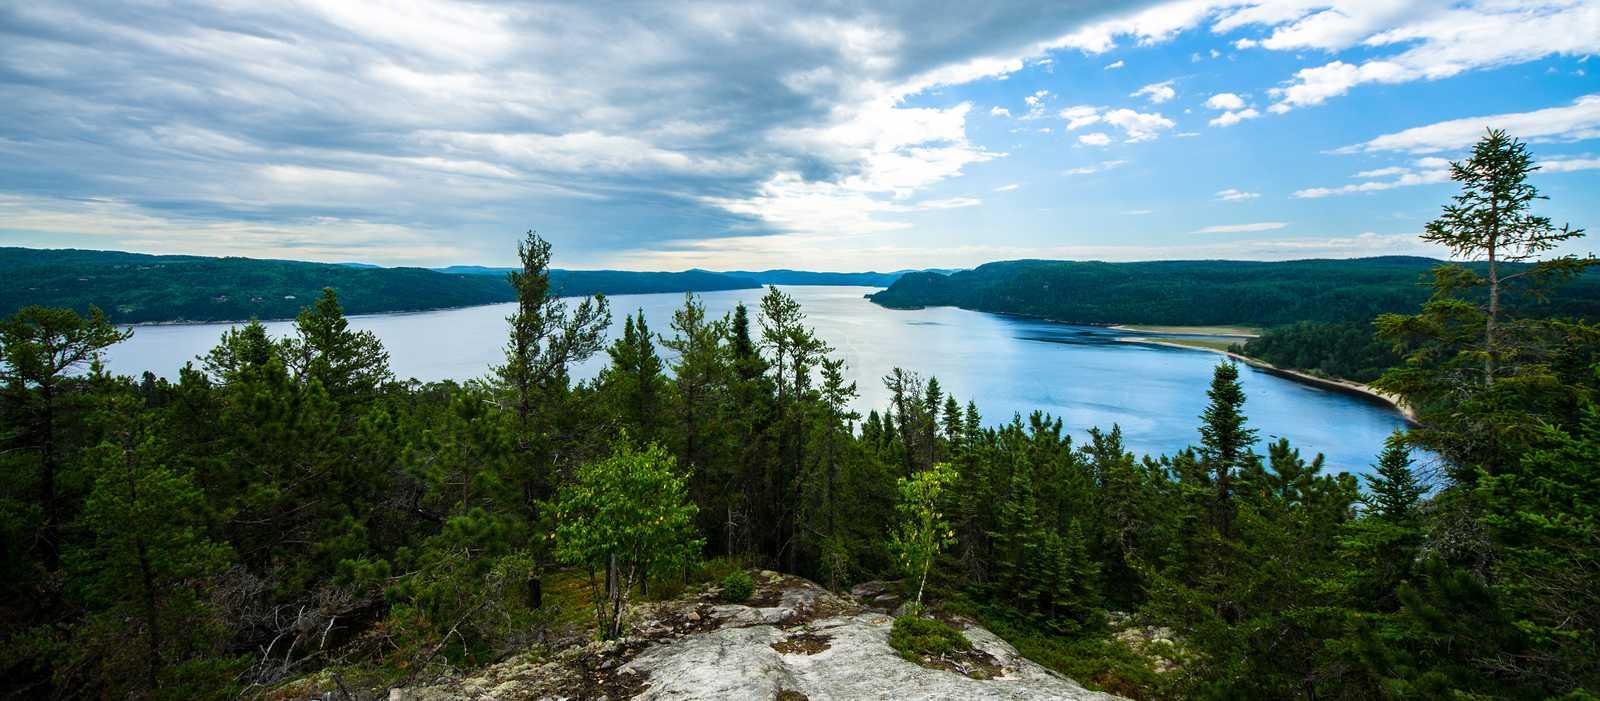 Idyllischer Blick über den Saguenay Fjord Park, Quebec